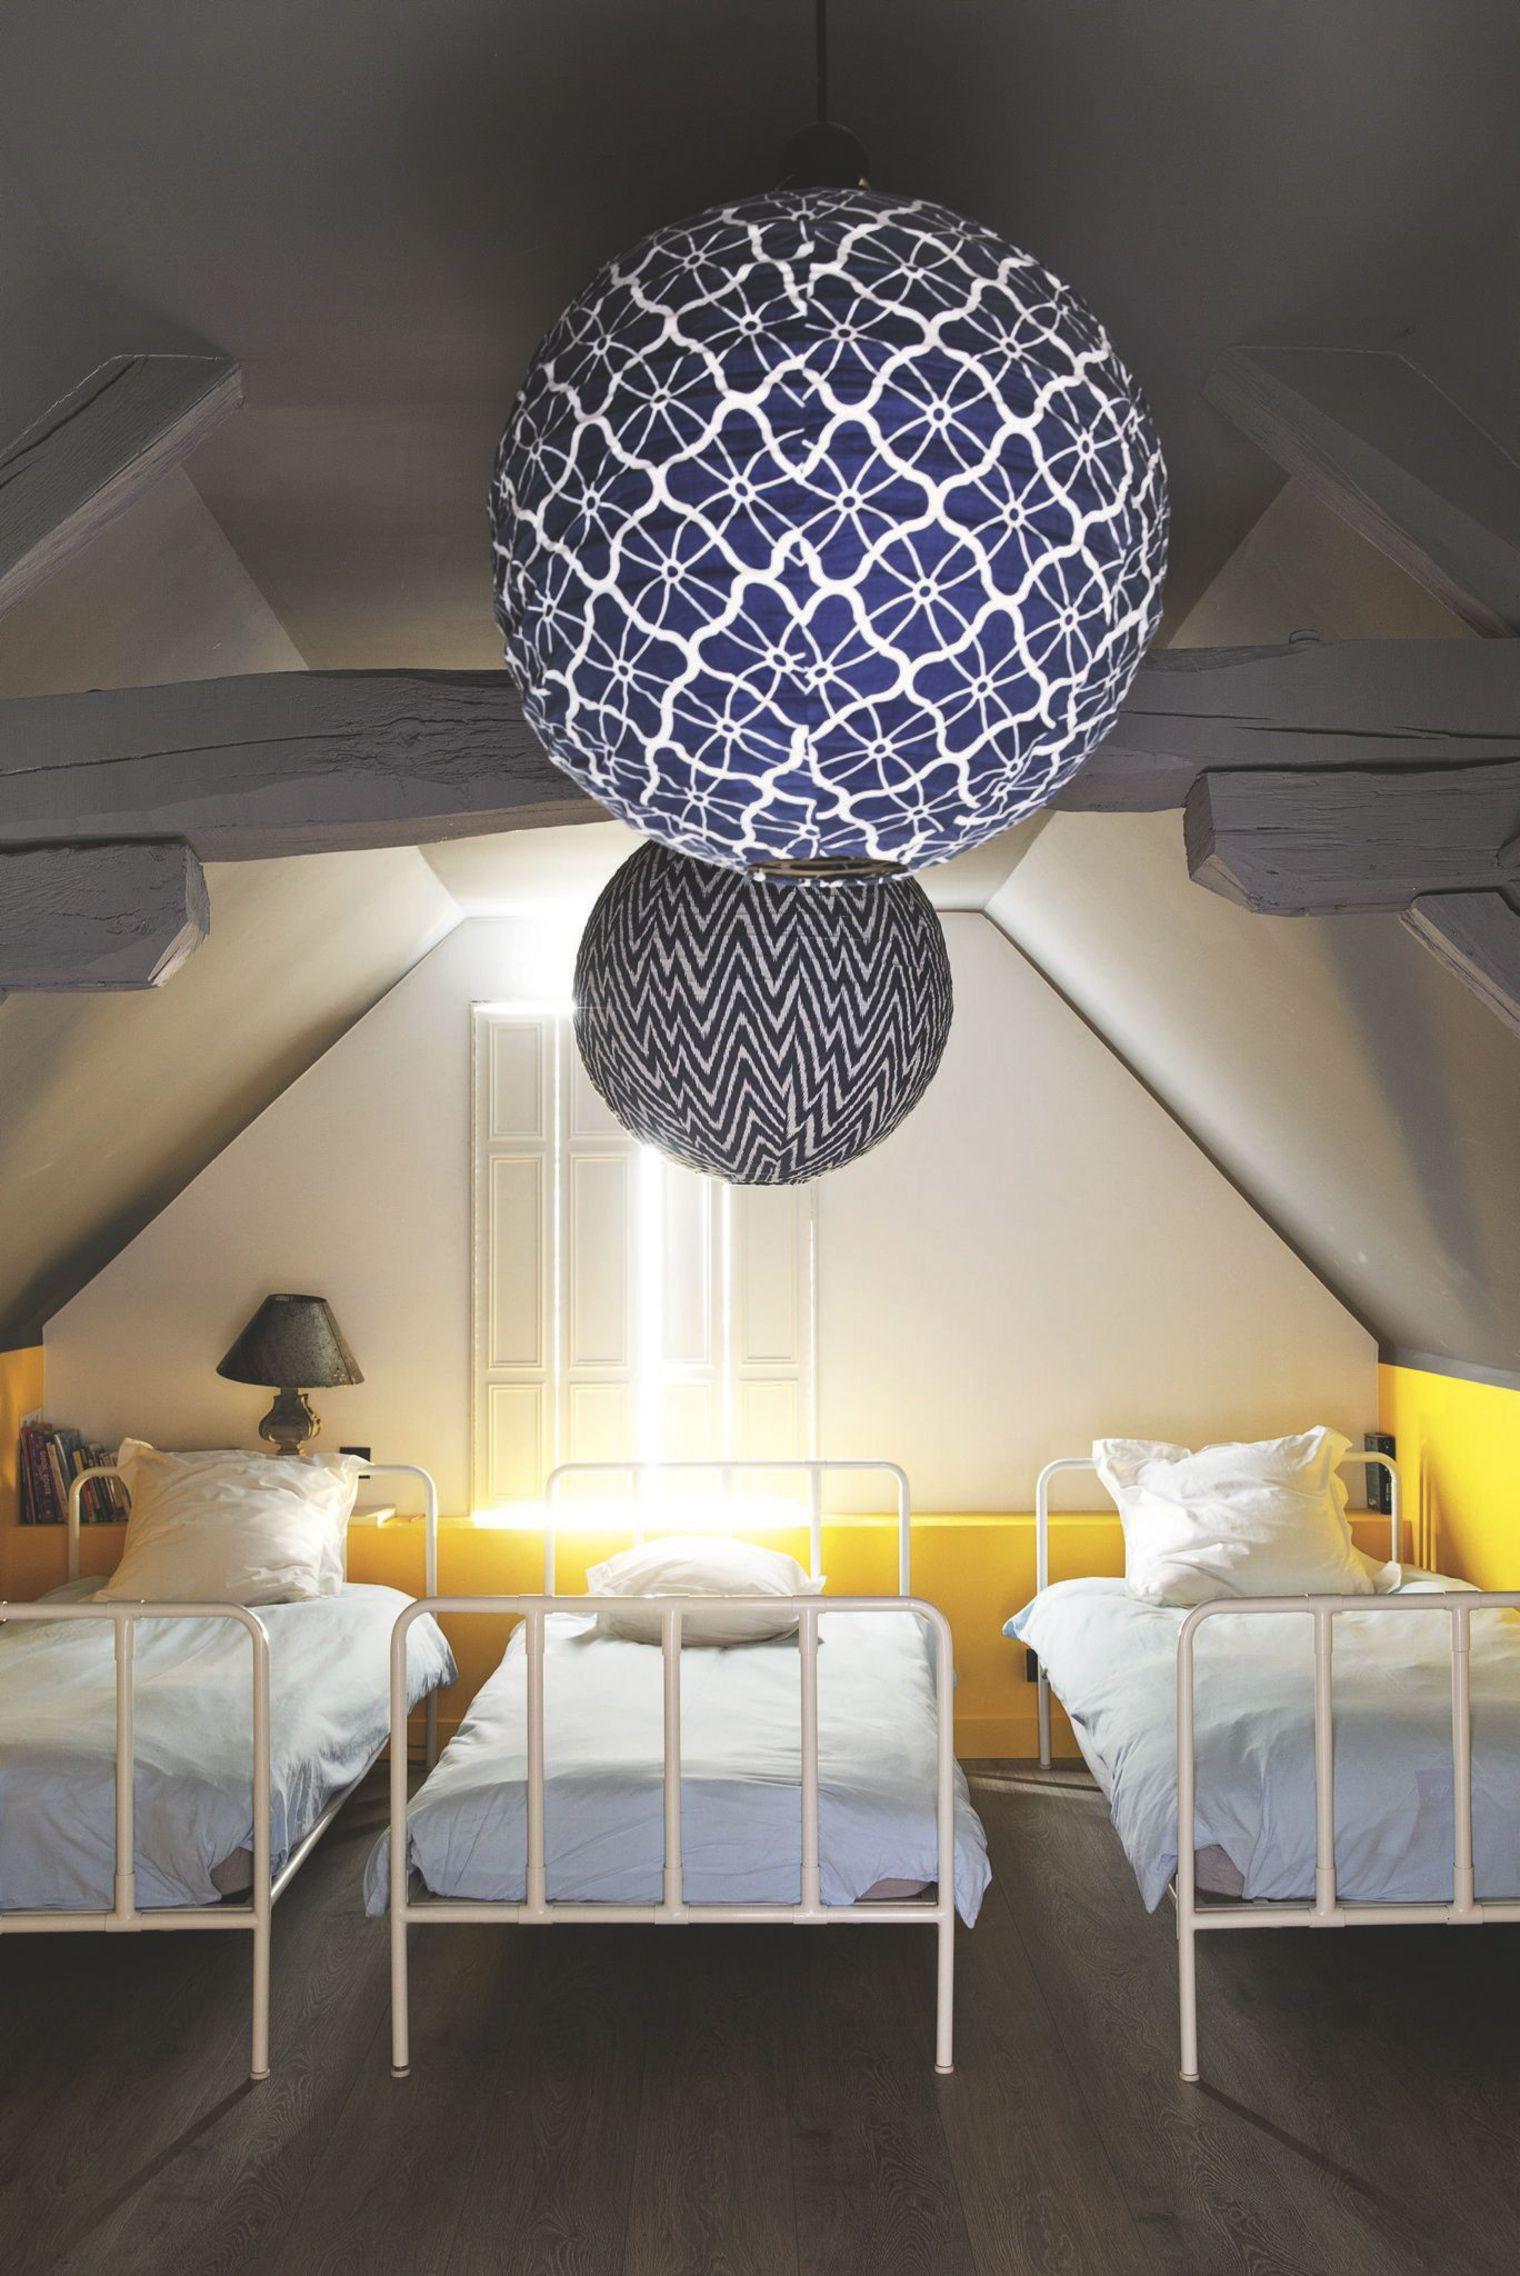 Chambres d 39 enfants le dortoir des vacances plumetis magazine - Luminaire chambre enfants ...